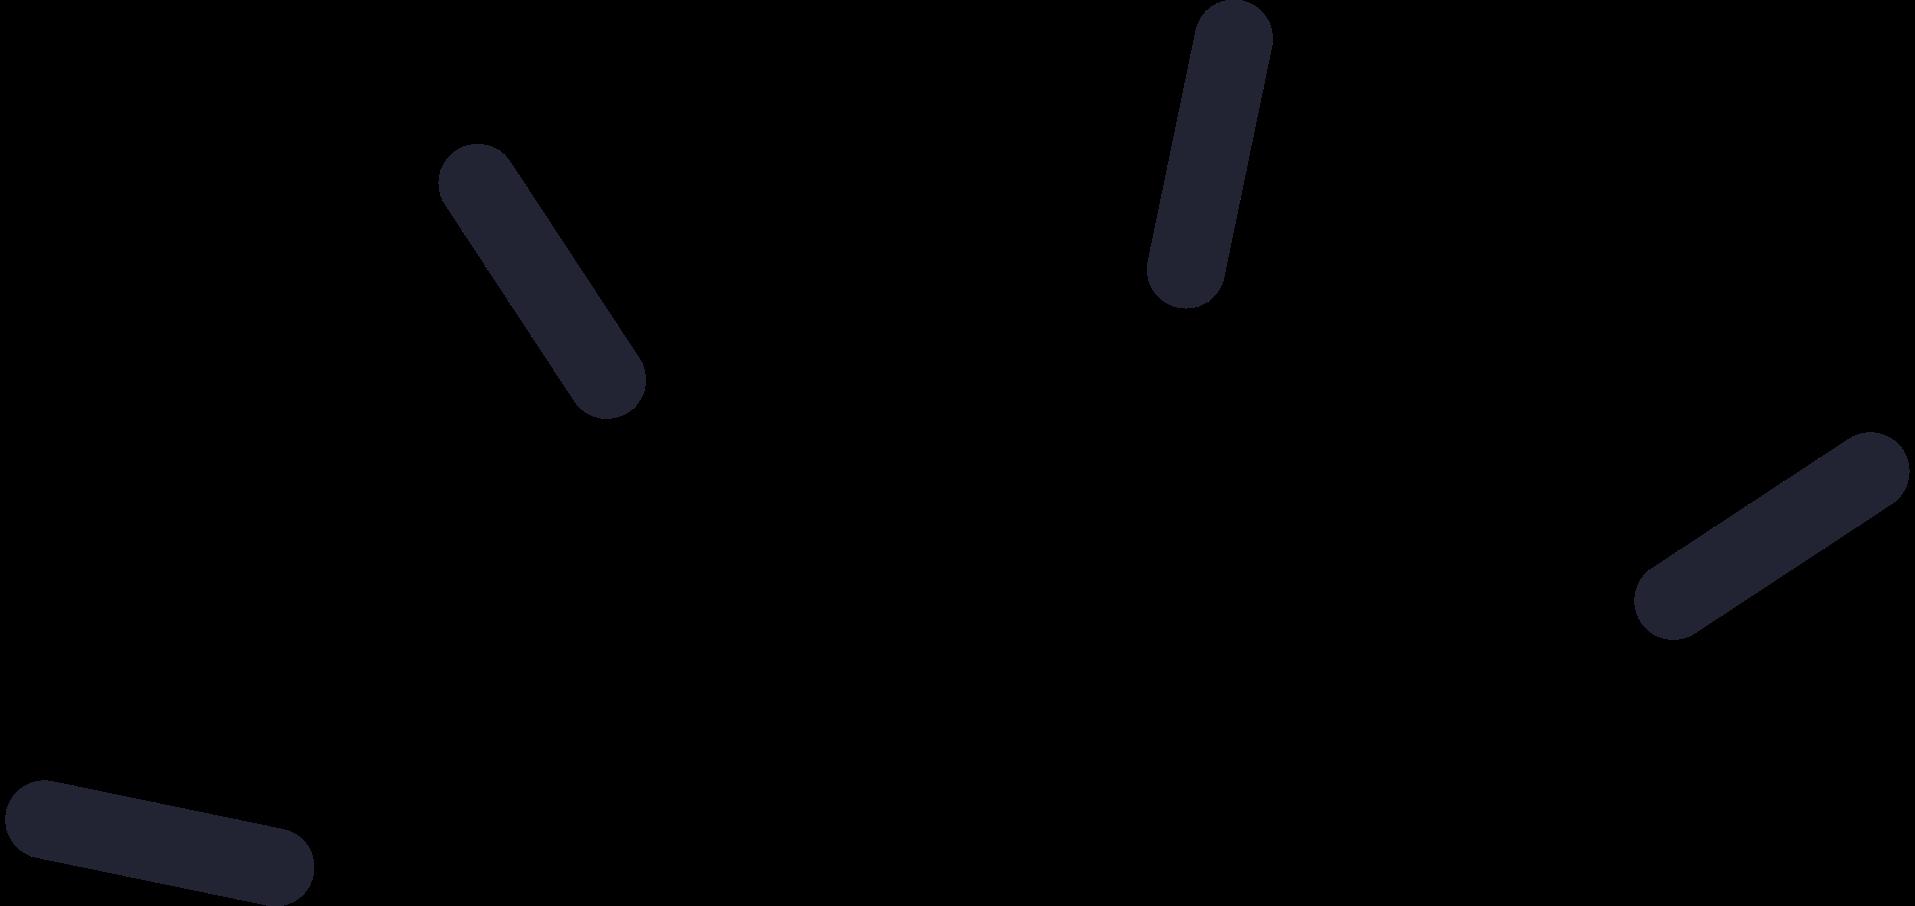 good job  splash Clipart illustration in PNG, SVG